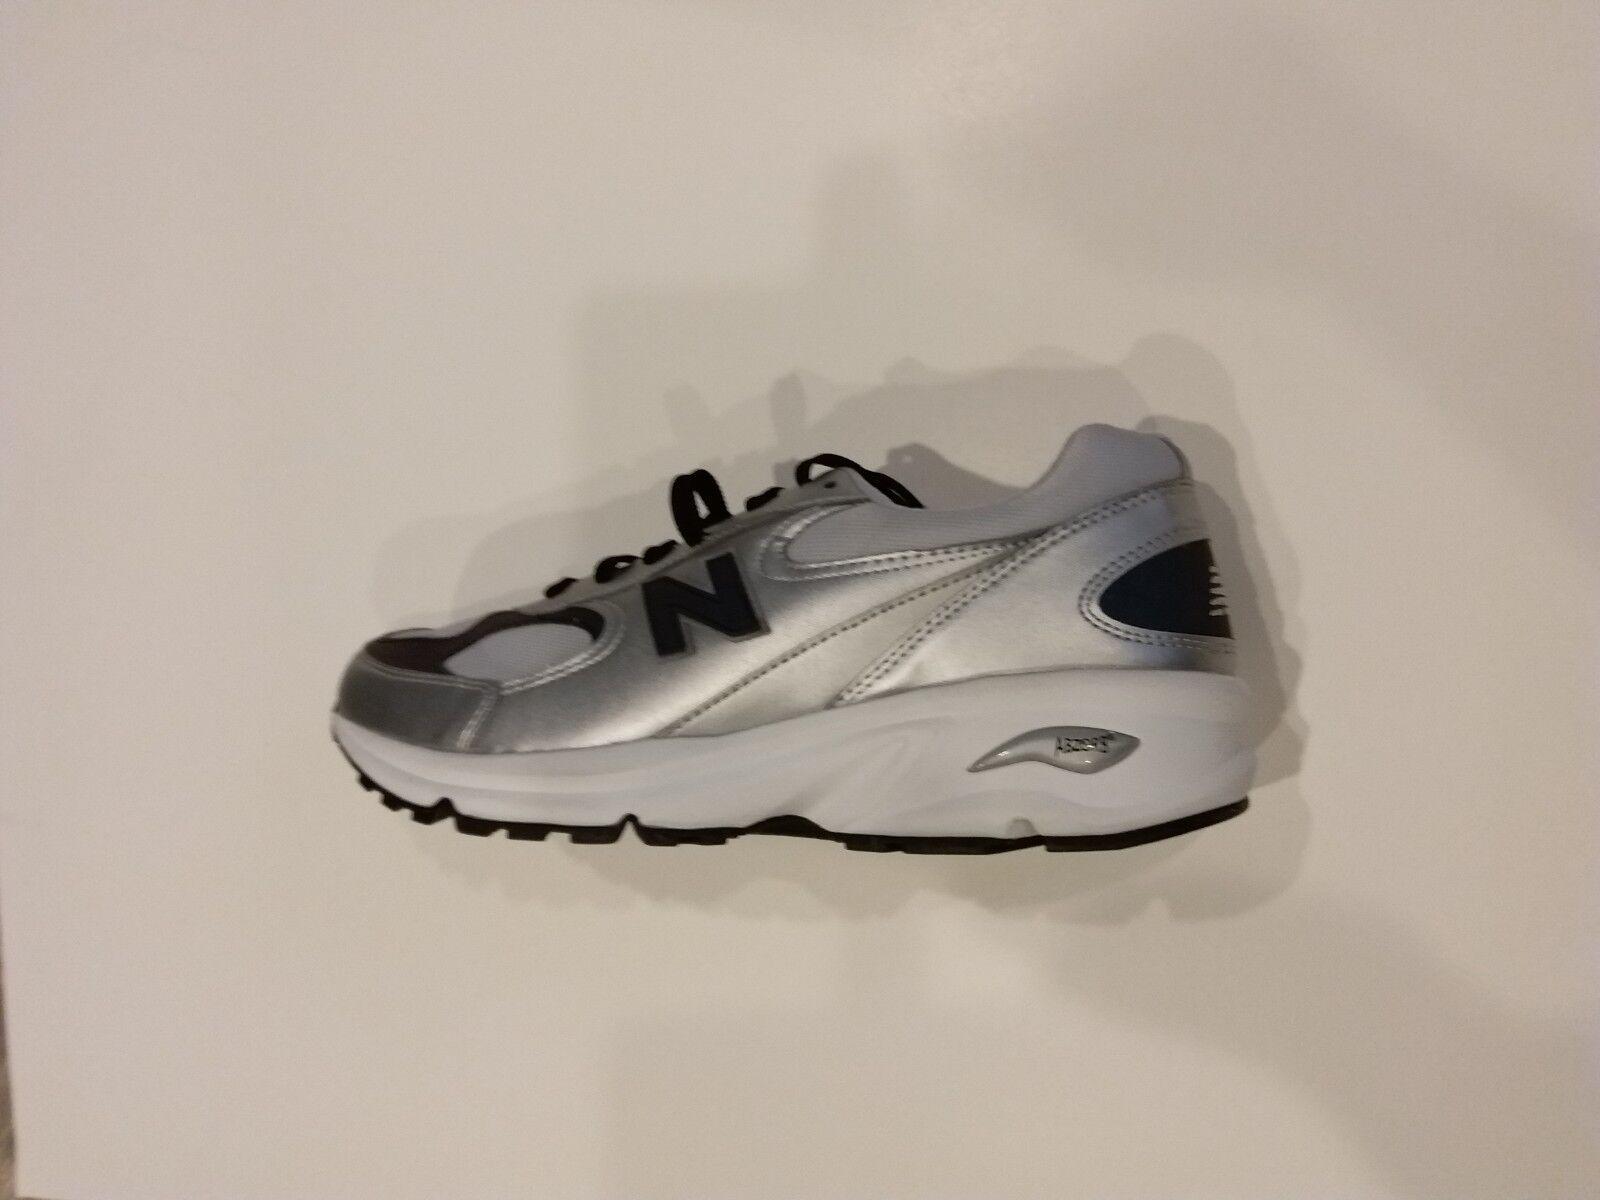 NEW walking Men New Balance ML498 SL Silver Leder running walking NEW schuhe Größe 10 D 717130